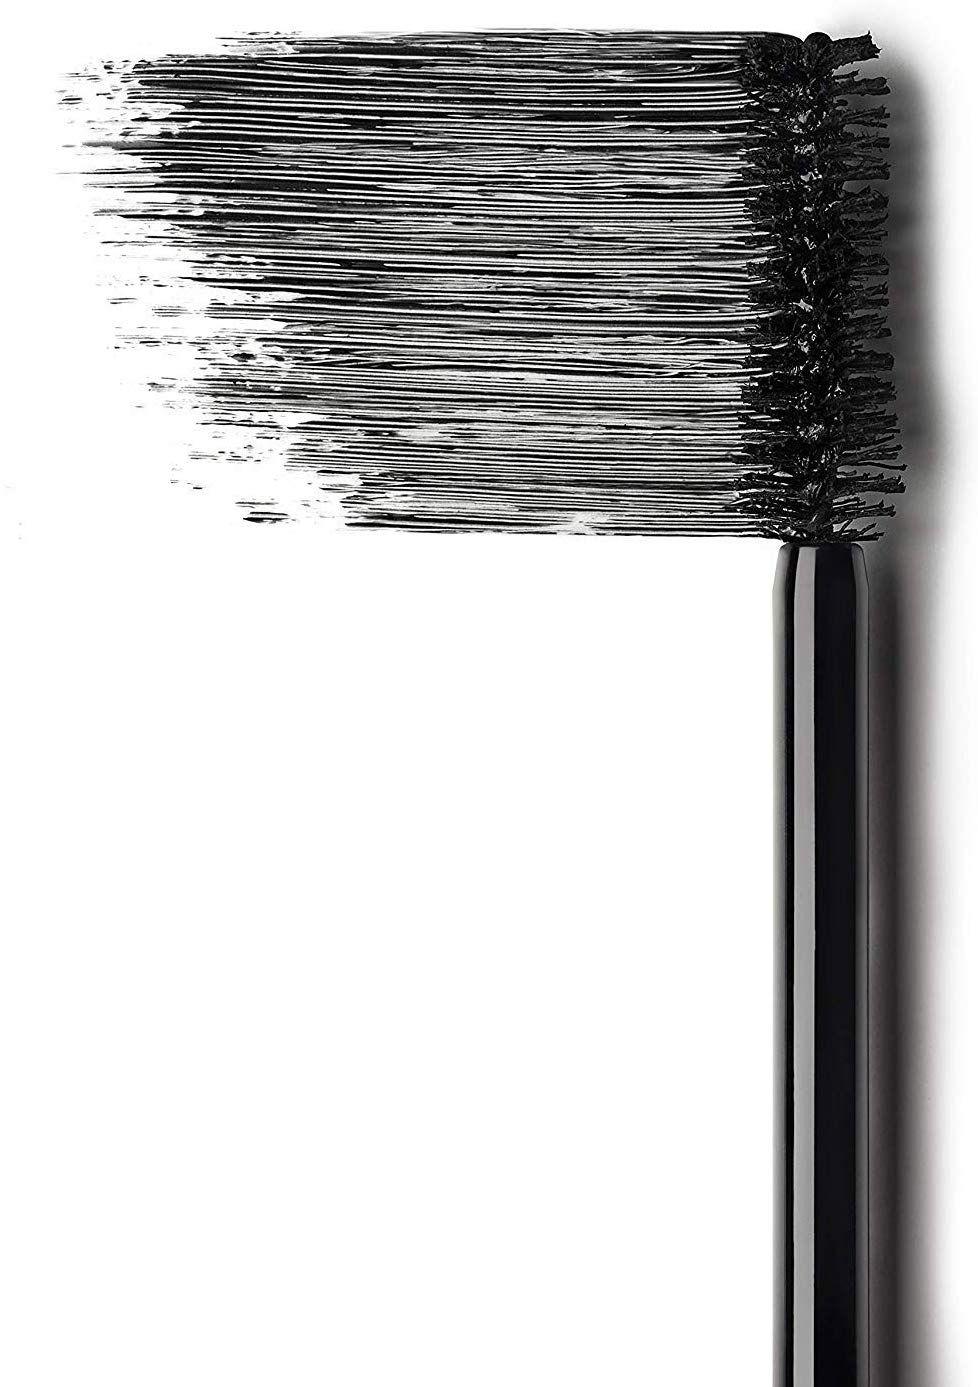 L'Oreal Paris Paradise Extatic Waterproof Mascara 6.4ml - Black